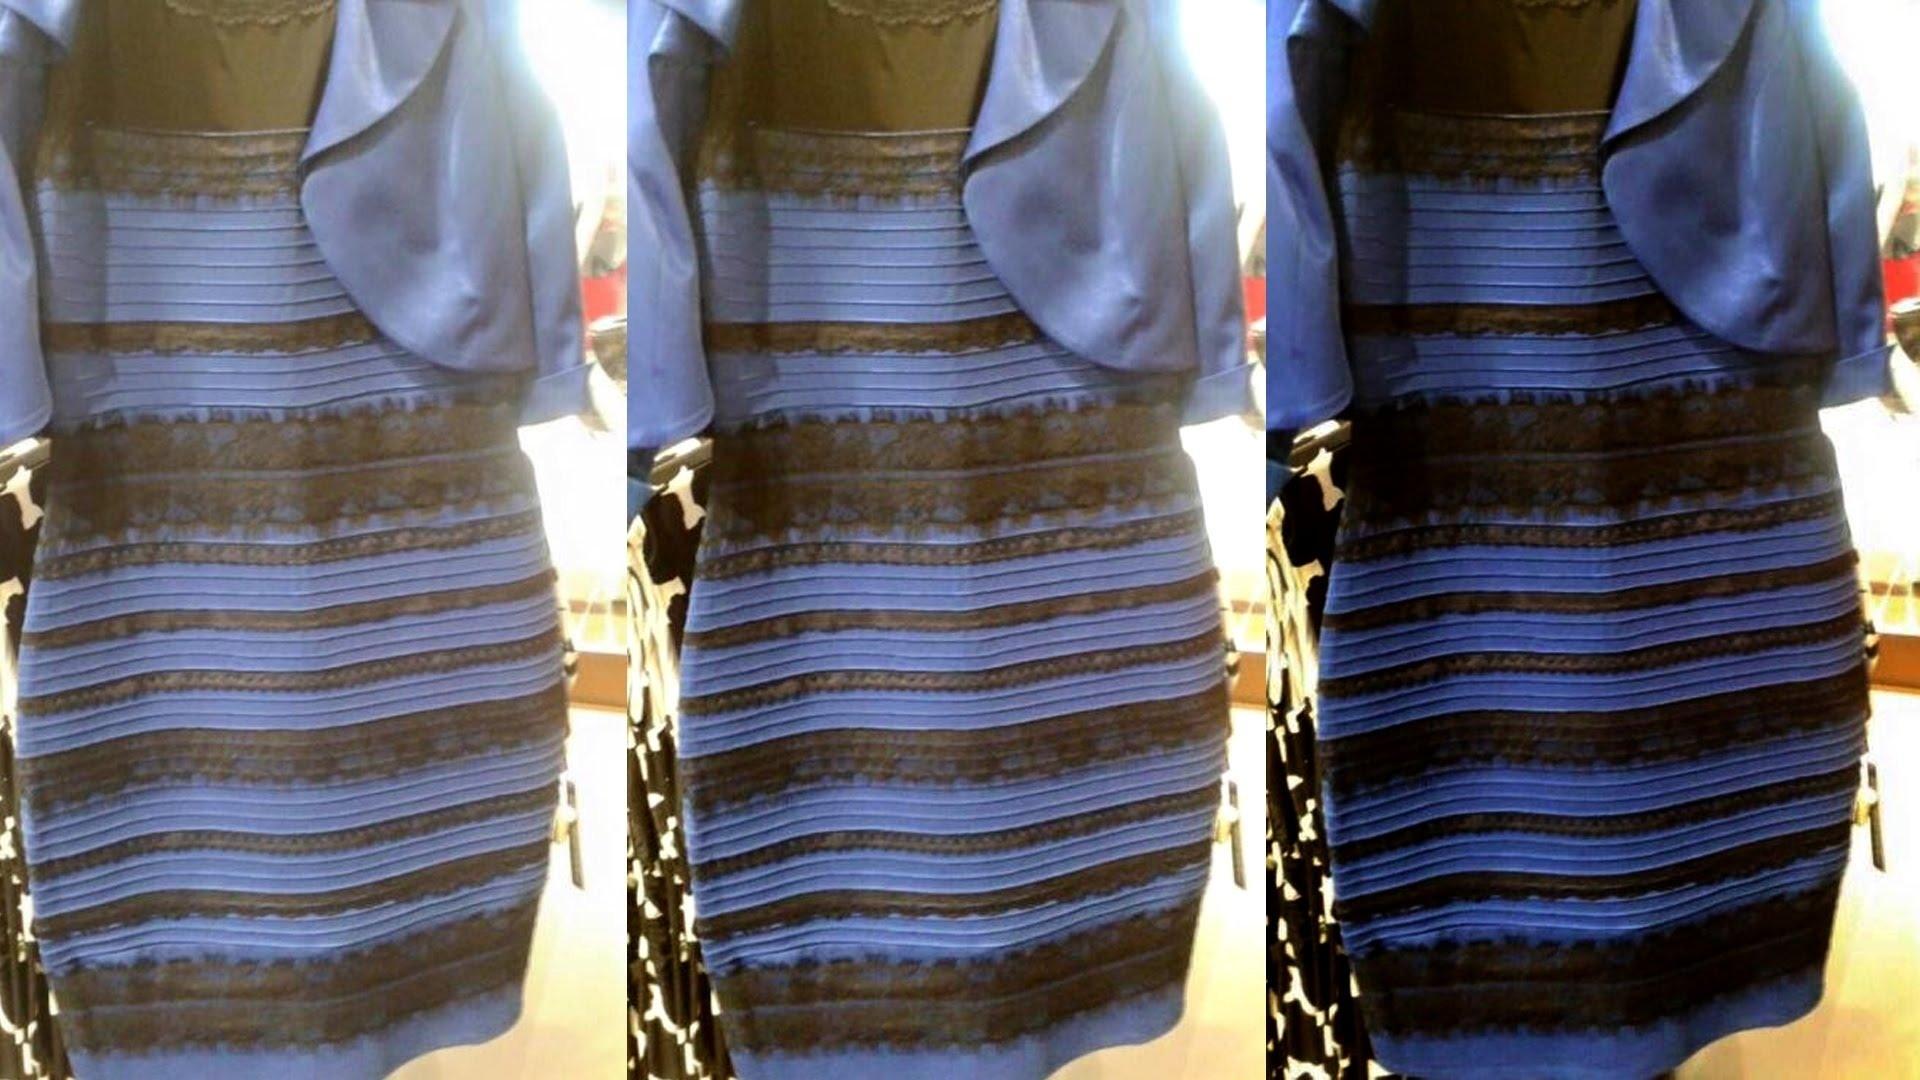 17 Erstaunlich Blau Weiße Kleider Vertrieb13 Erstaunlich Blau Weiße Kleider Ärmel